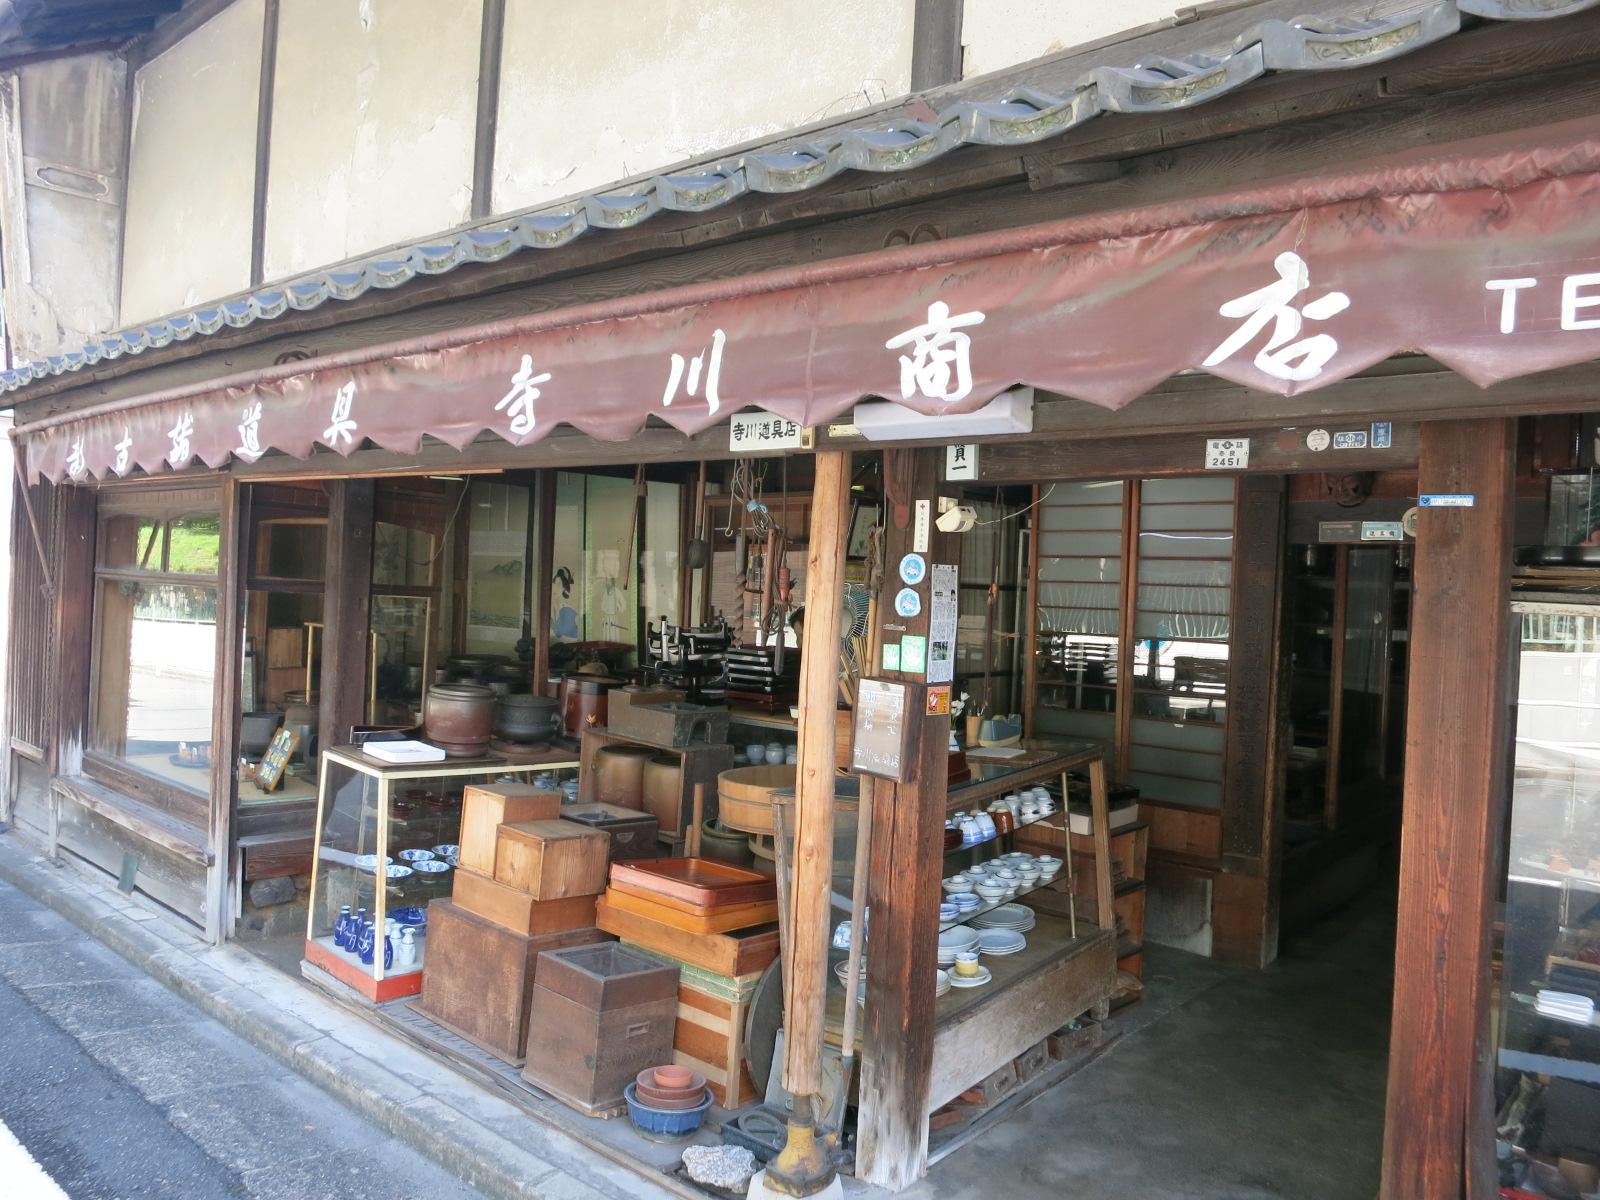 古道具屋さんの寺川道具店。昔懐かしい道具がいろいろとありました。